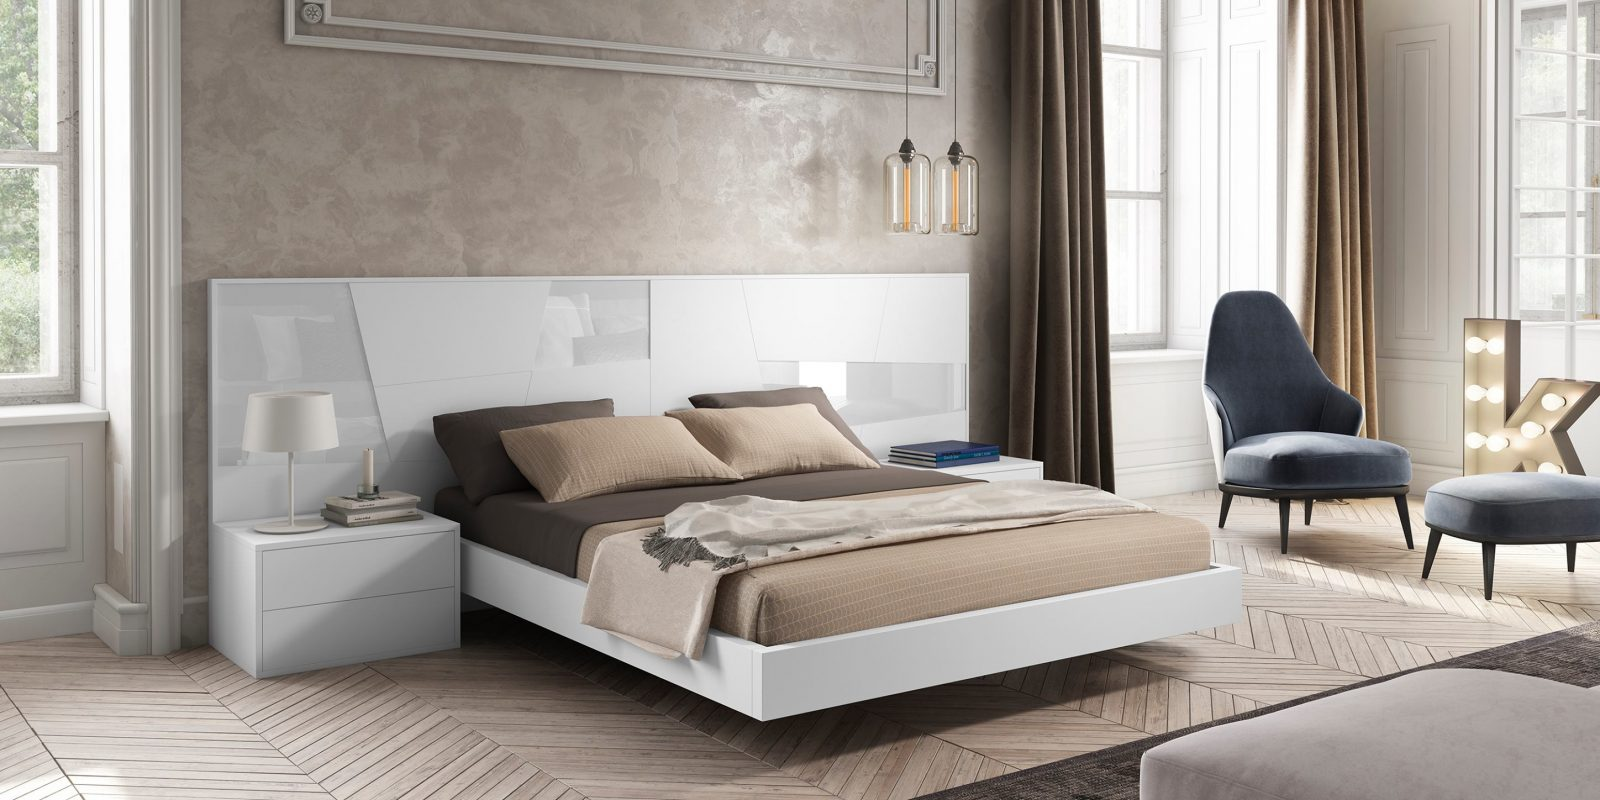 dormitorios nexo mobiliario hd